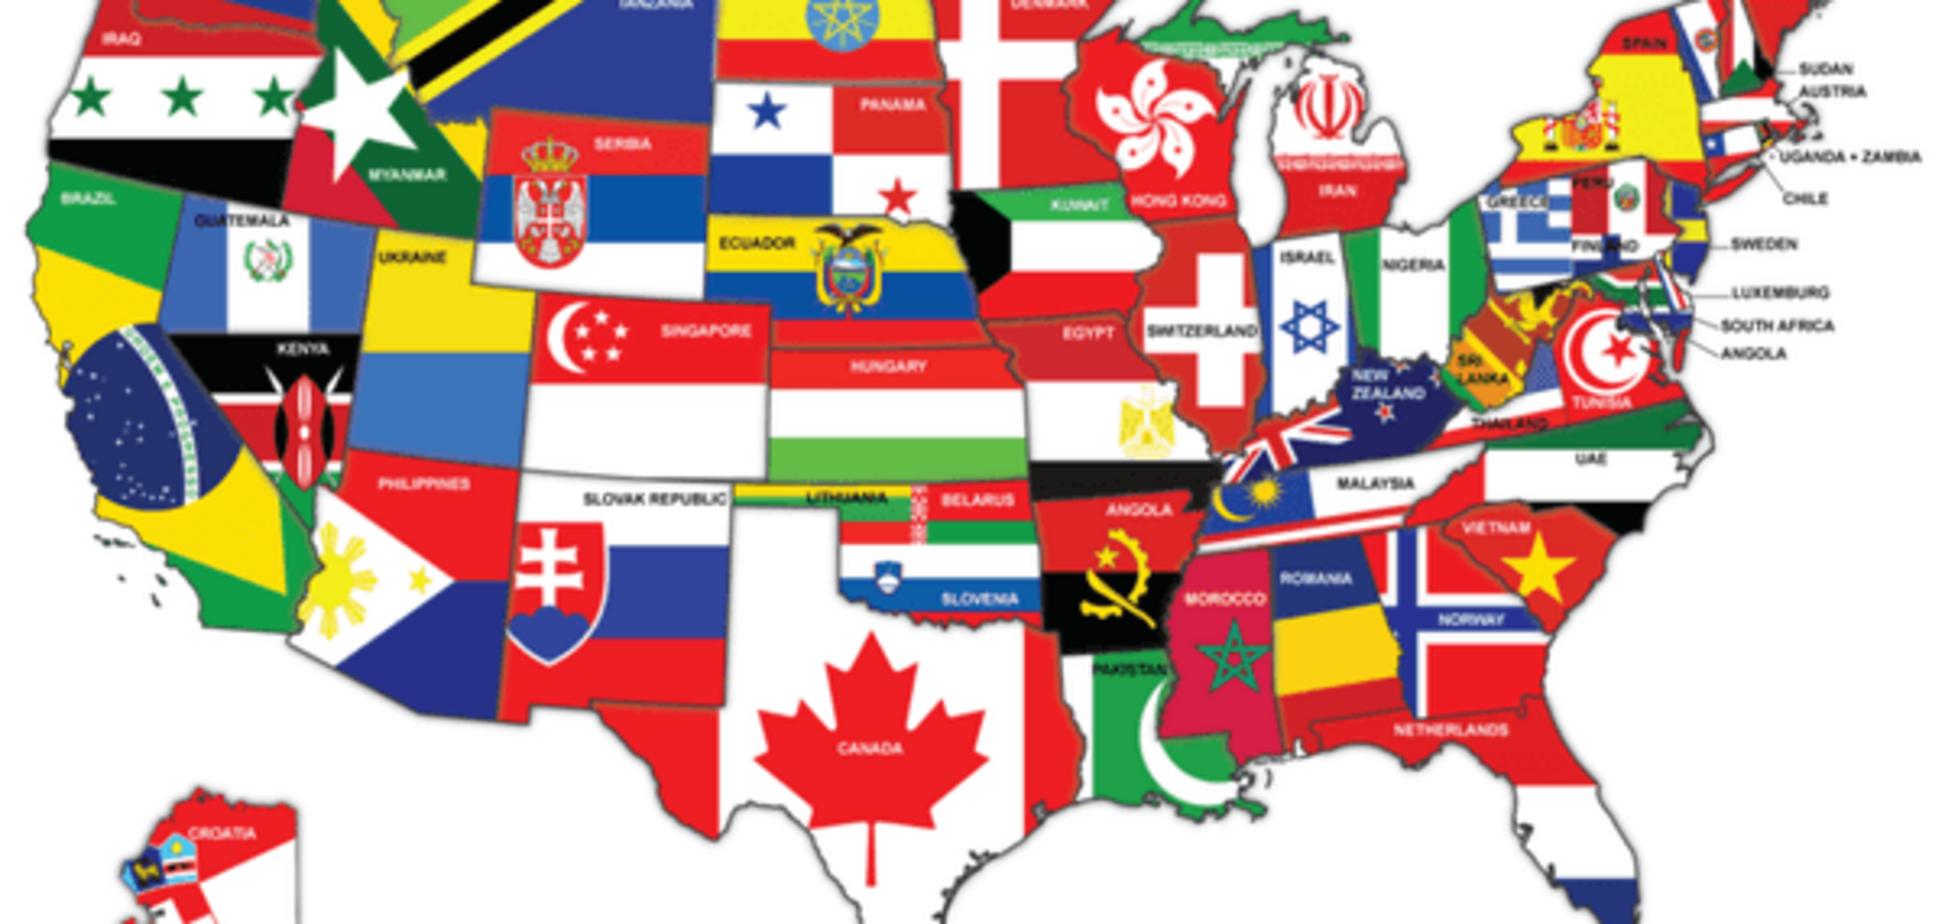 ВВП Украины равен ВВП одного штата США